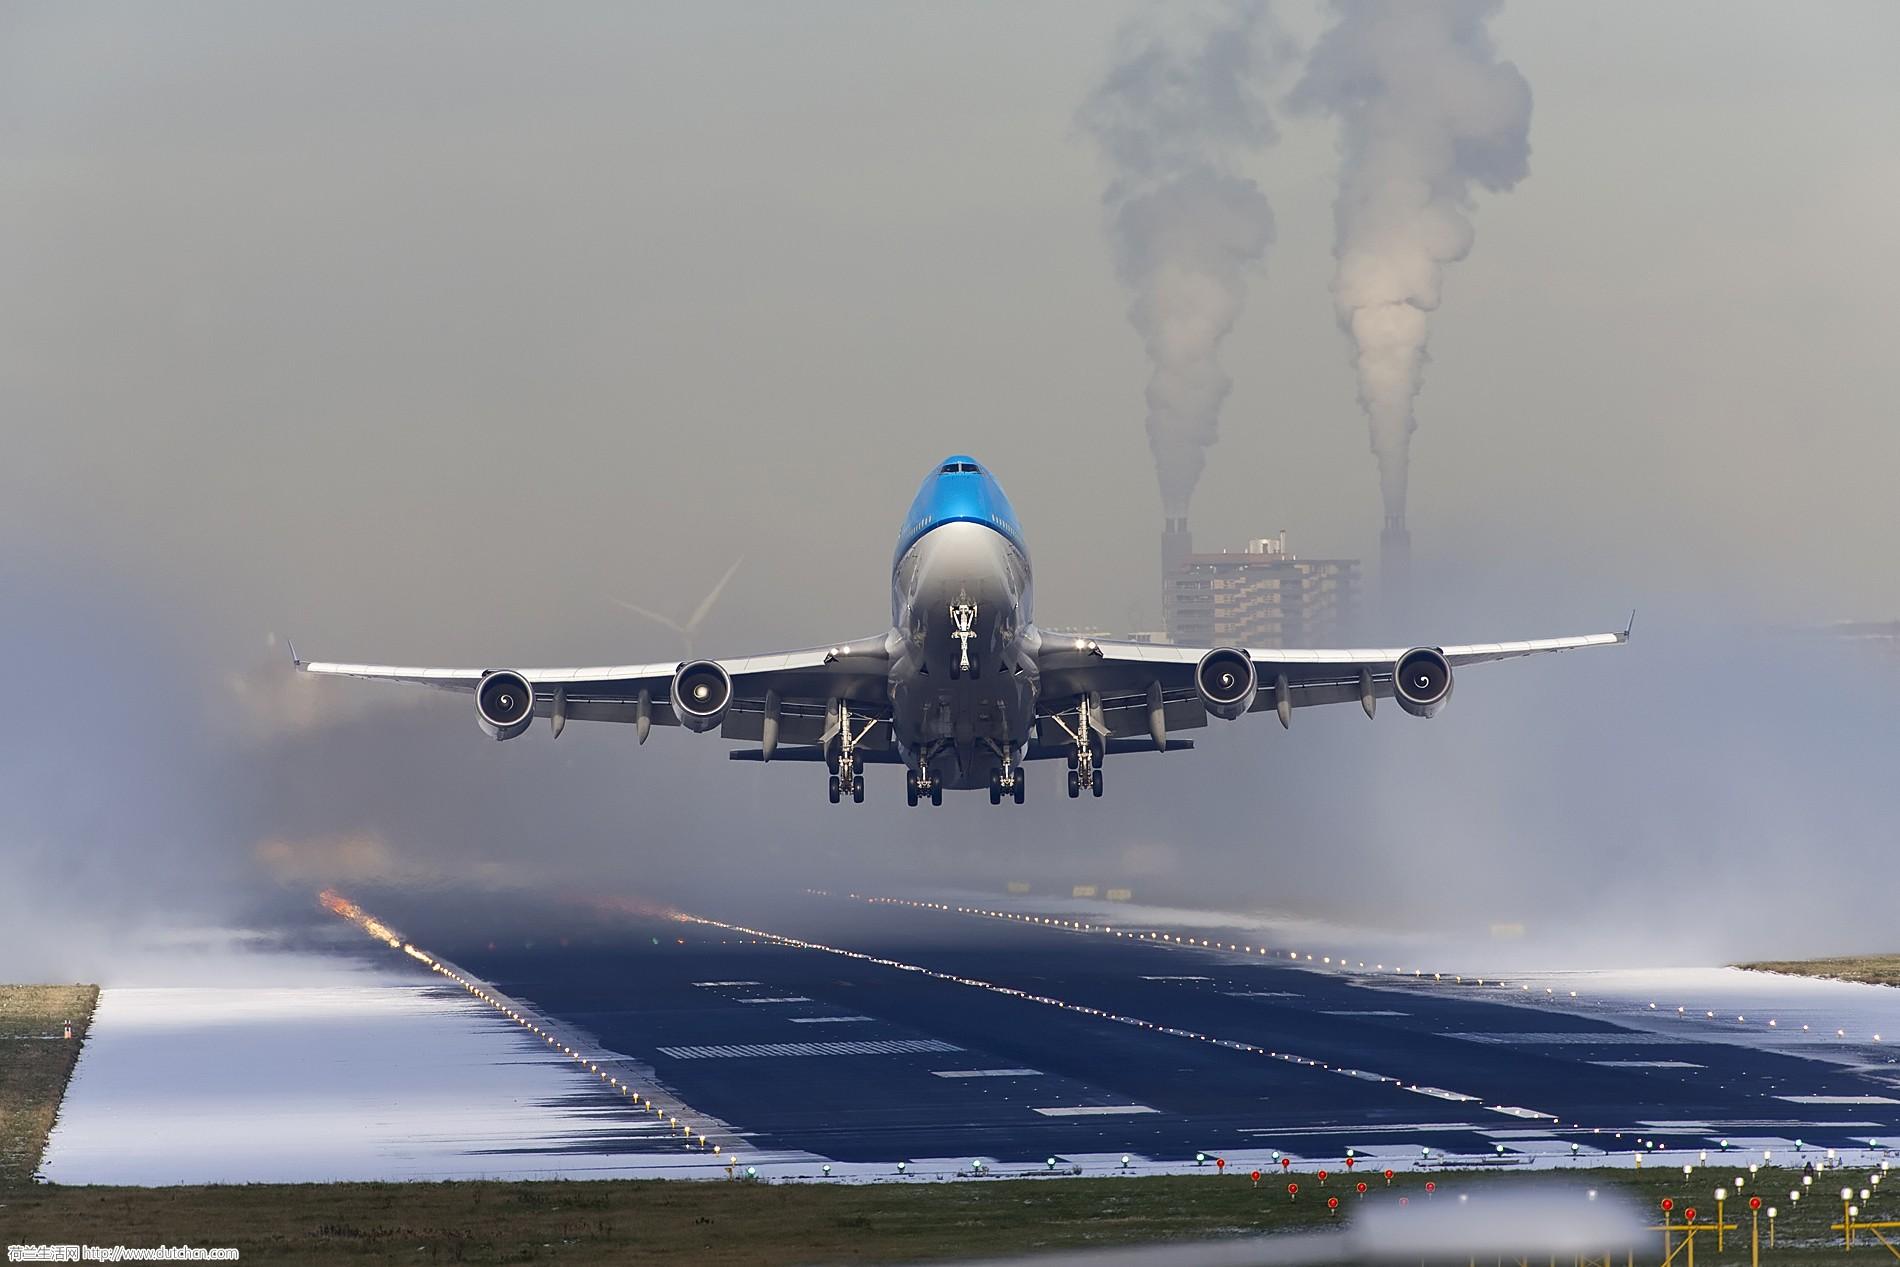 KLM_B747_Take_off_18L_snow_blasting_(8251202935).jpg